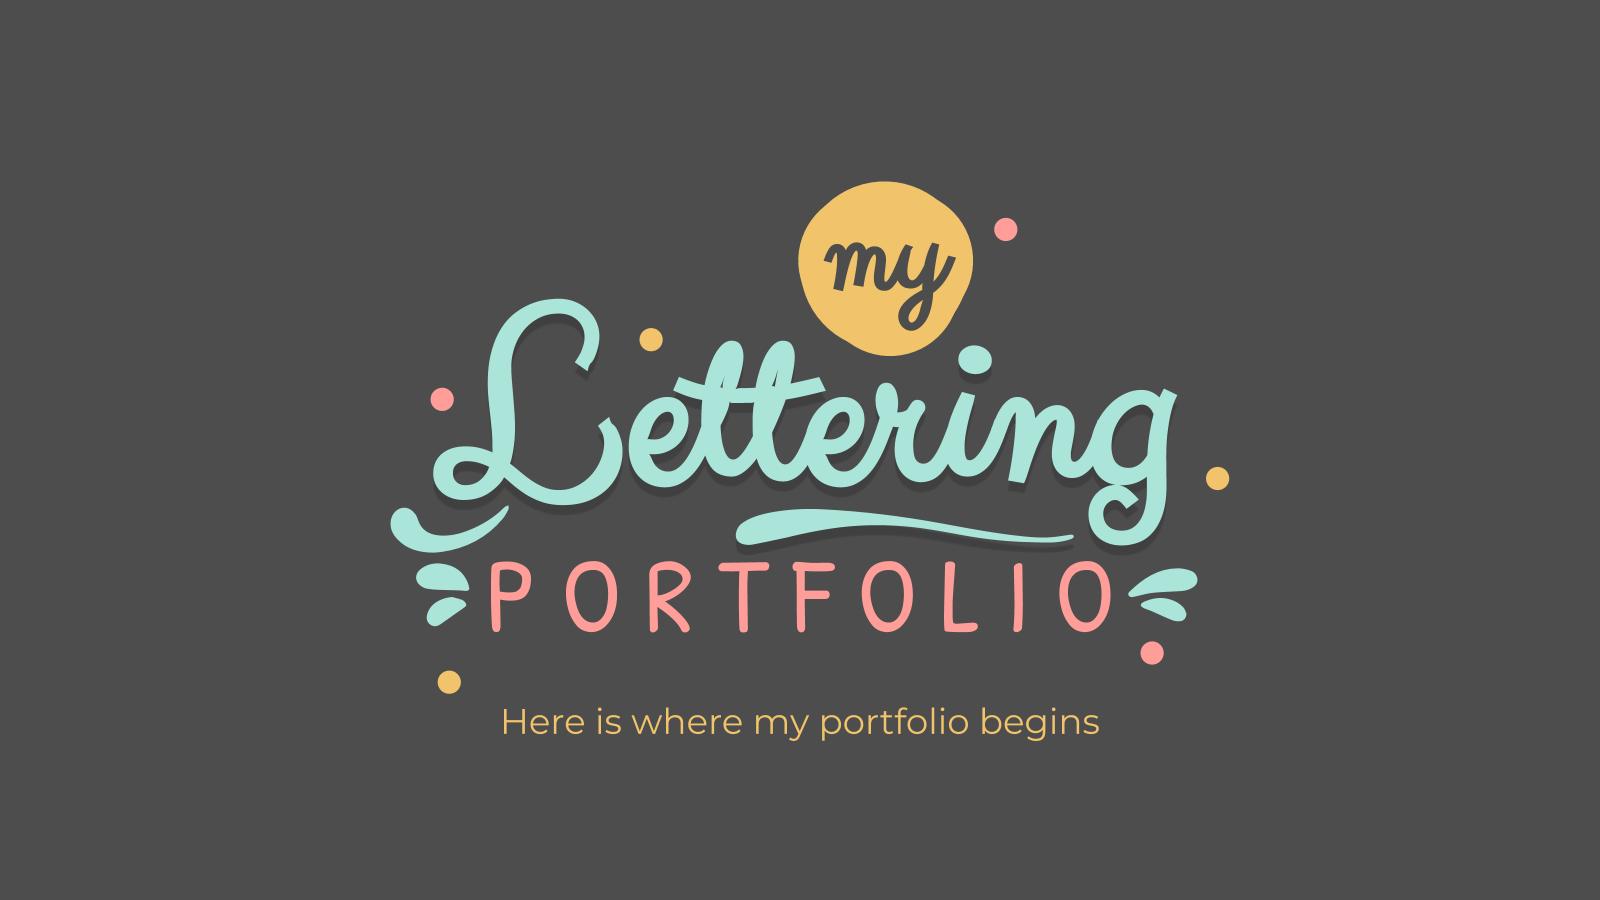 Plantilla de presentación Portafolio de lettering